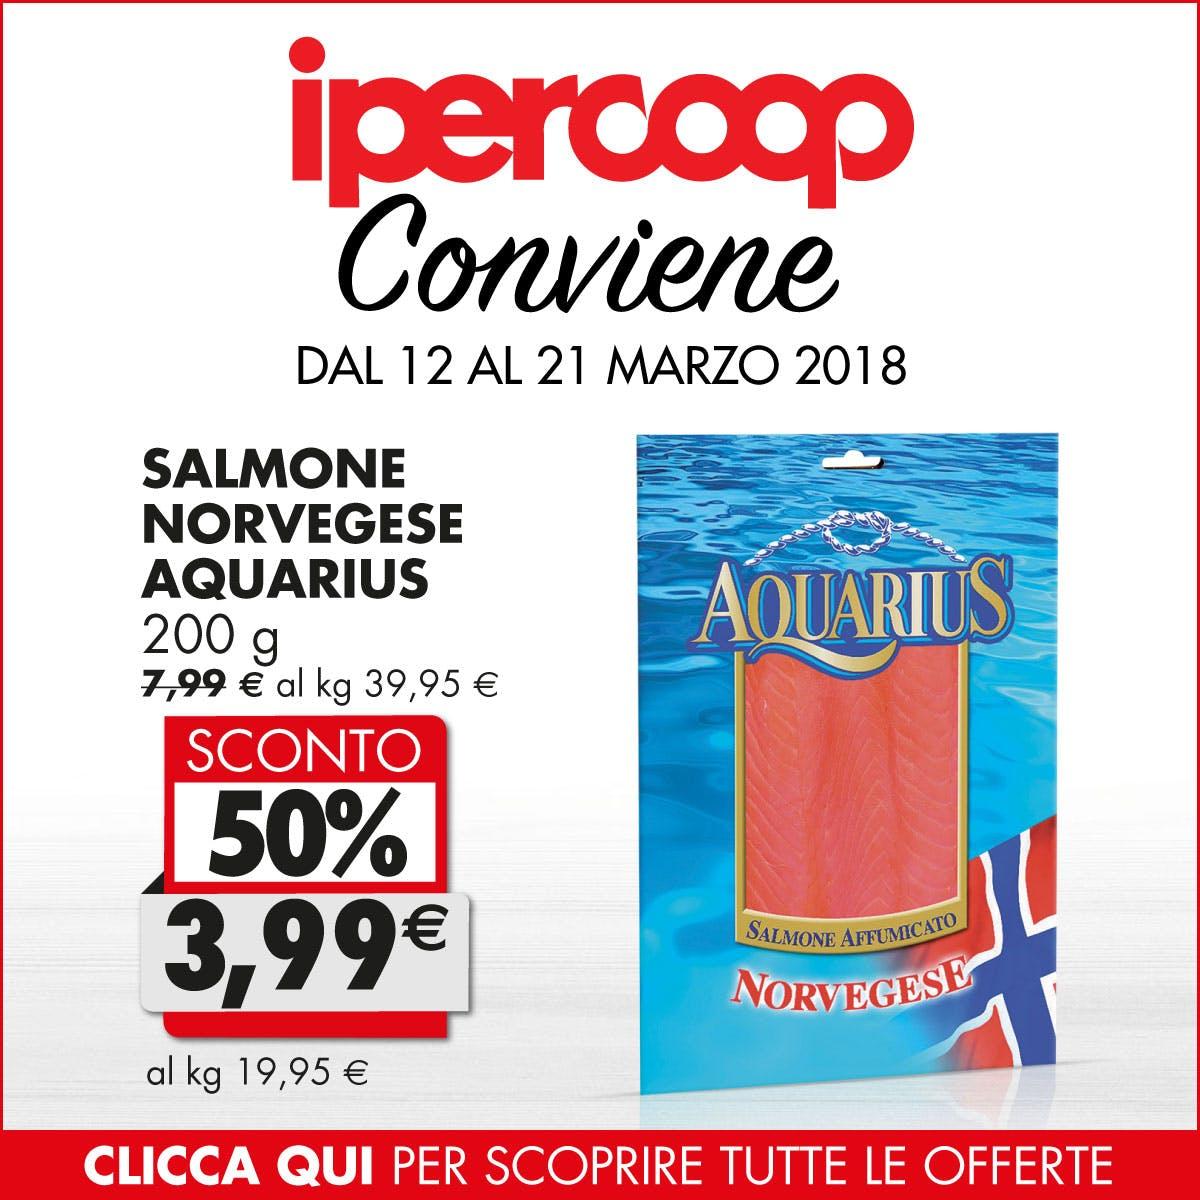 Beautiful Centro Commerciale Le Terrazze La Spezia Orari Ideas ...